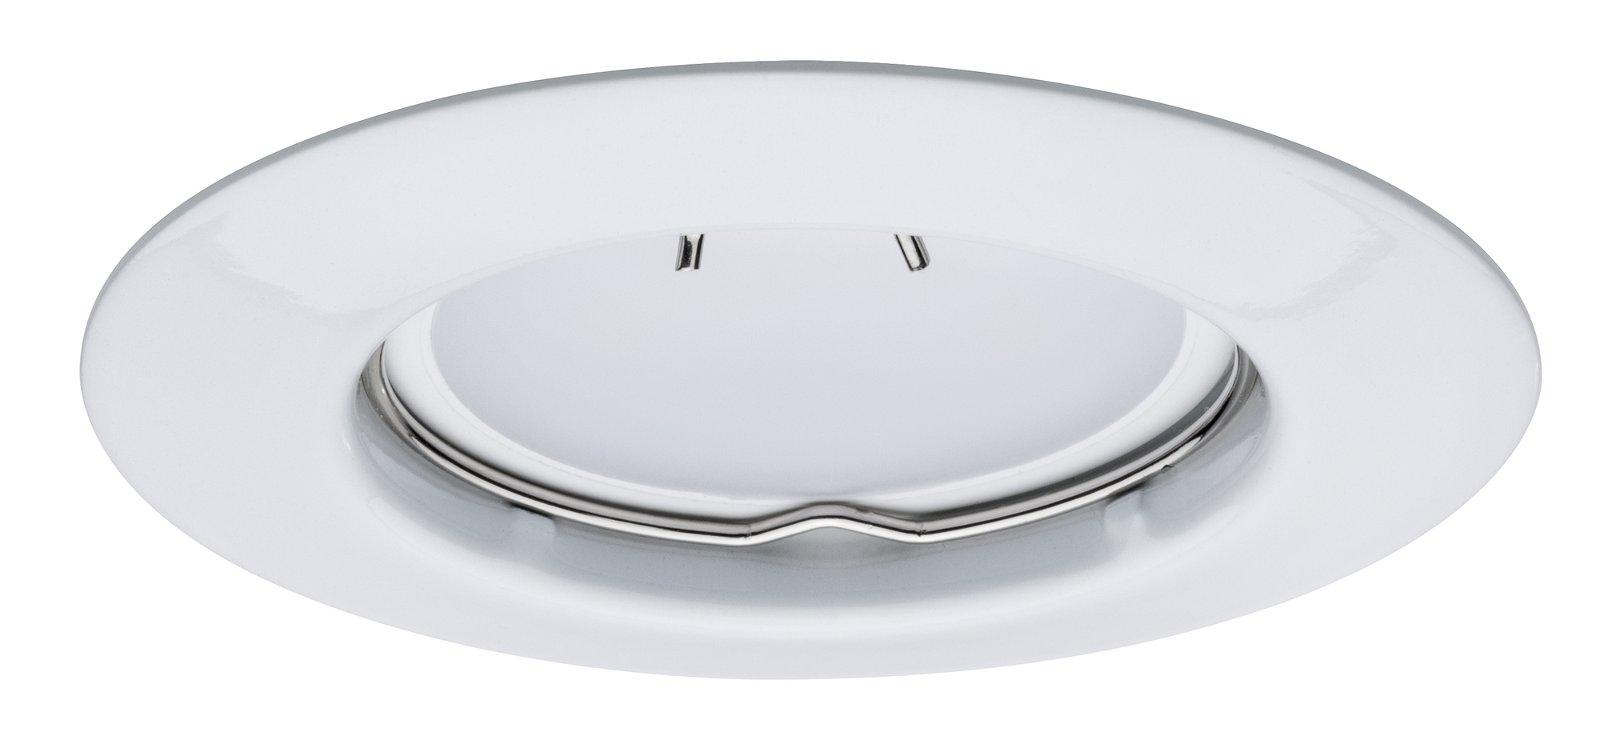 Einbauleuchte LED rund 4,5W GU10 Weiß 1er-Set starr